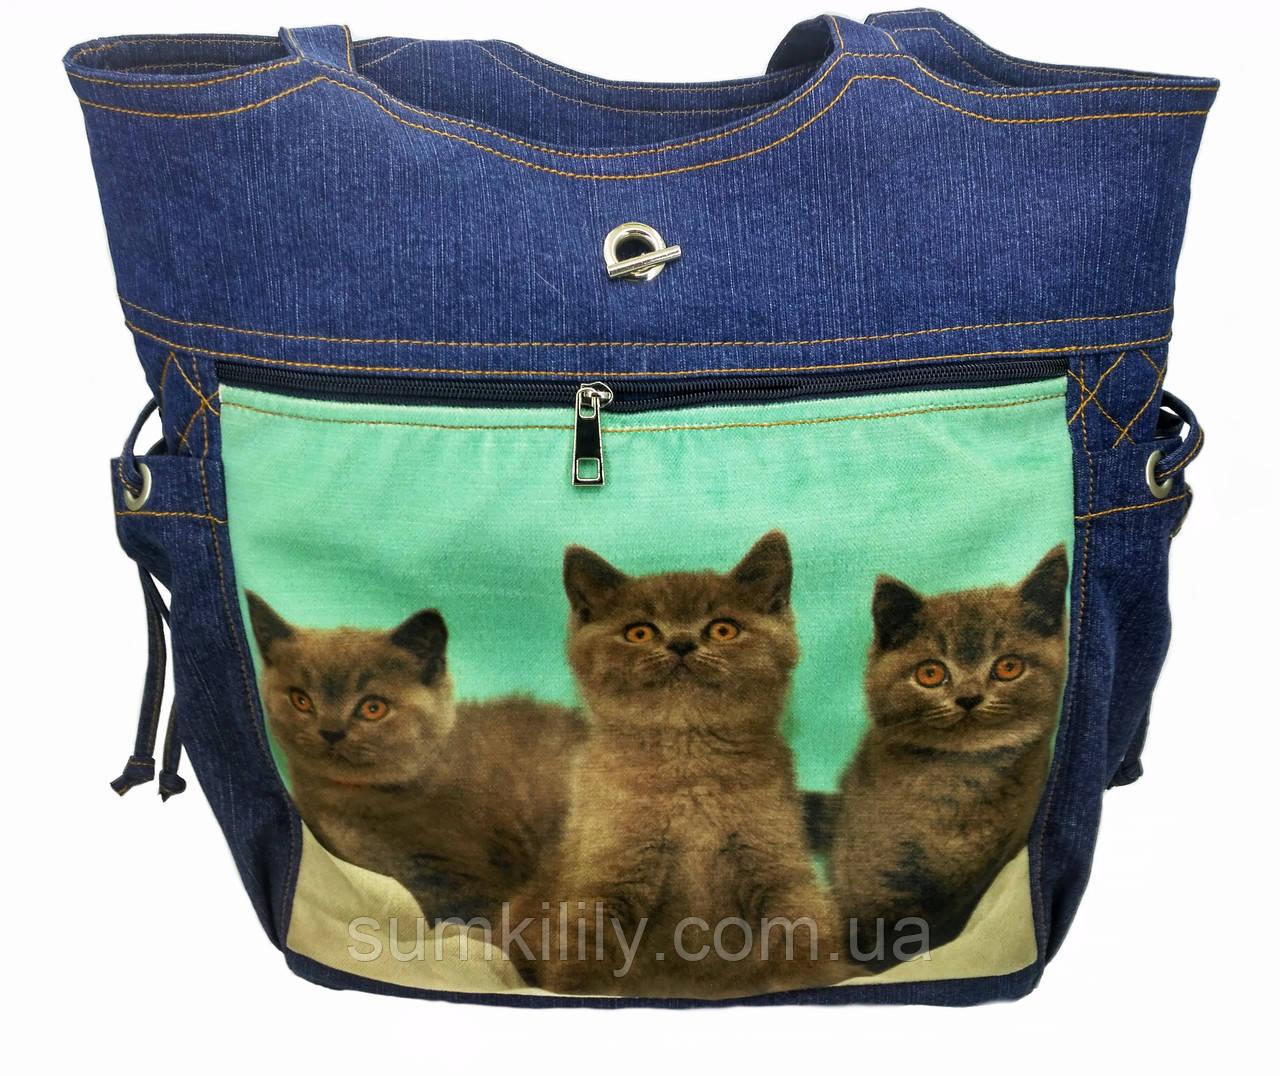 Джинсовая сумочка шопер с котами